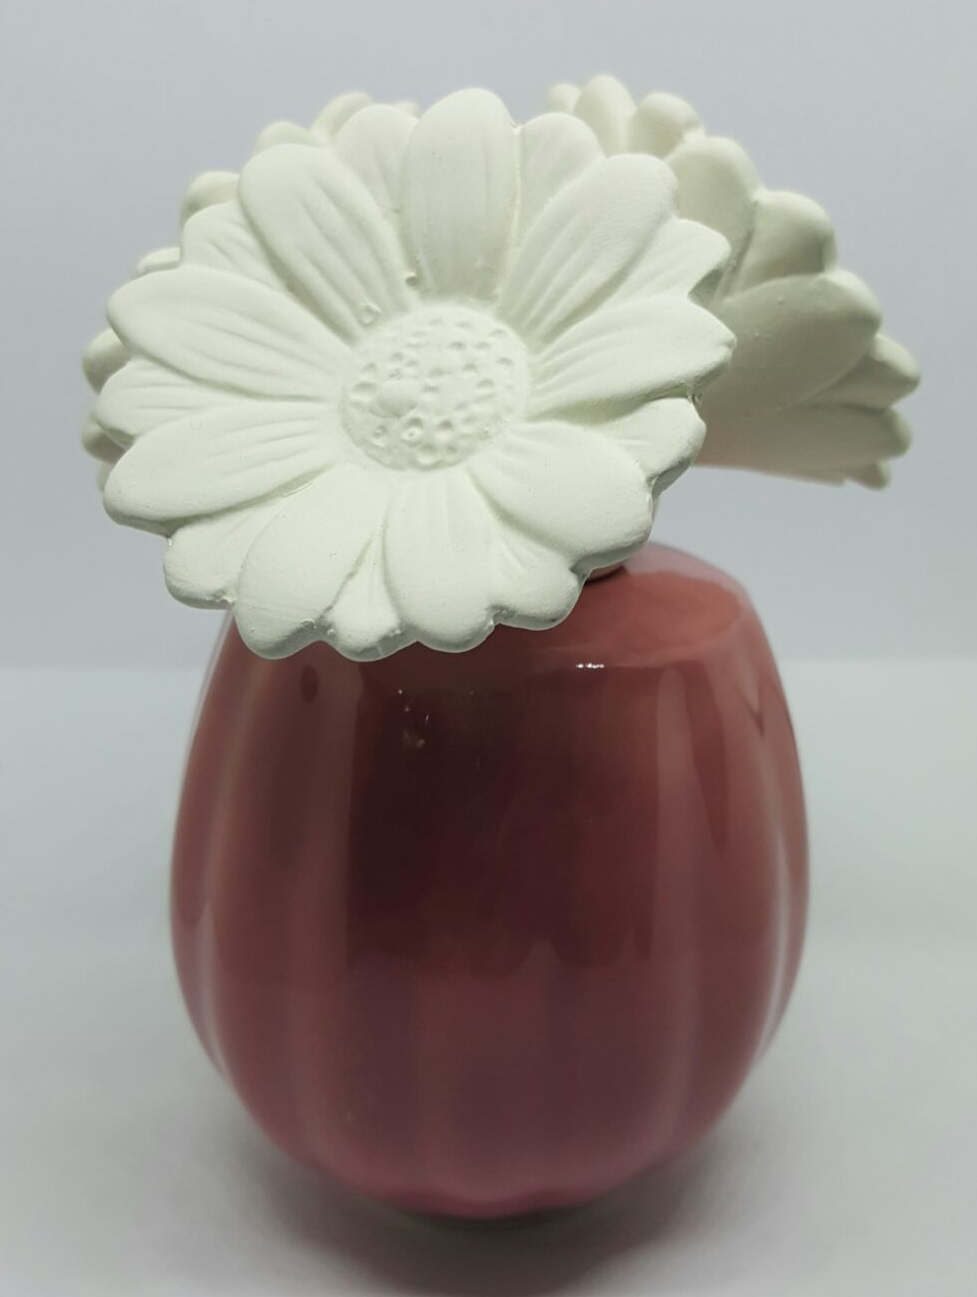 Ceramic Aroma Diffuser Flowers Scent